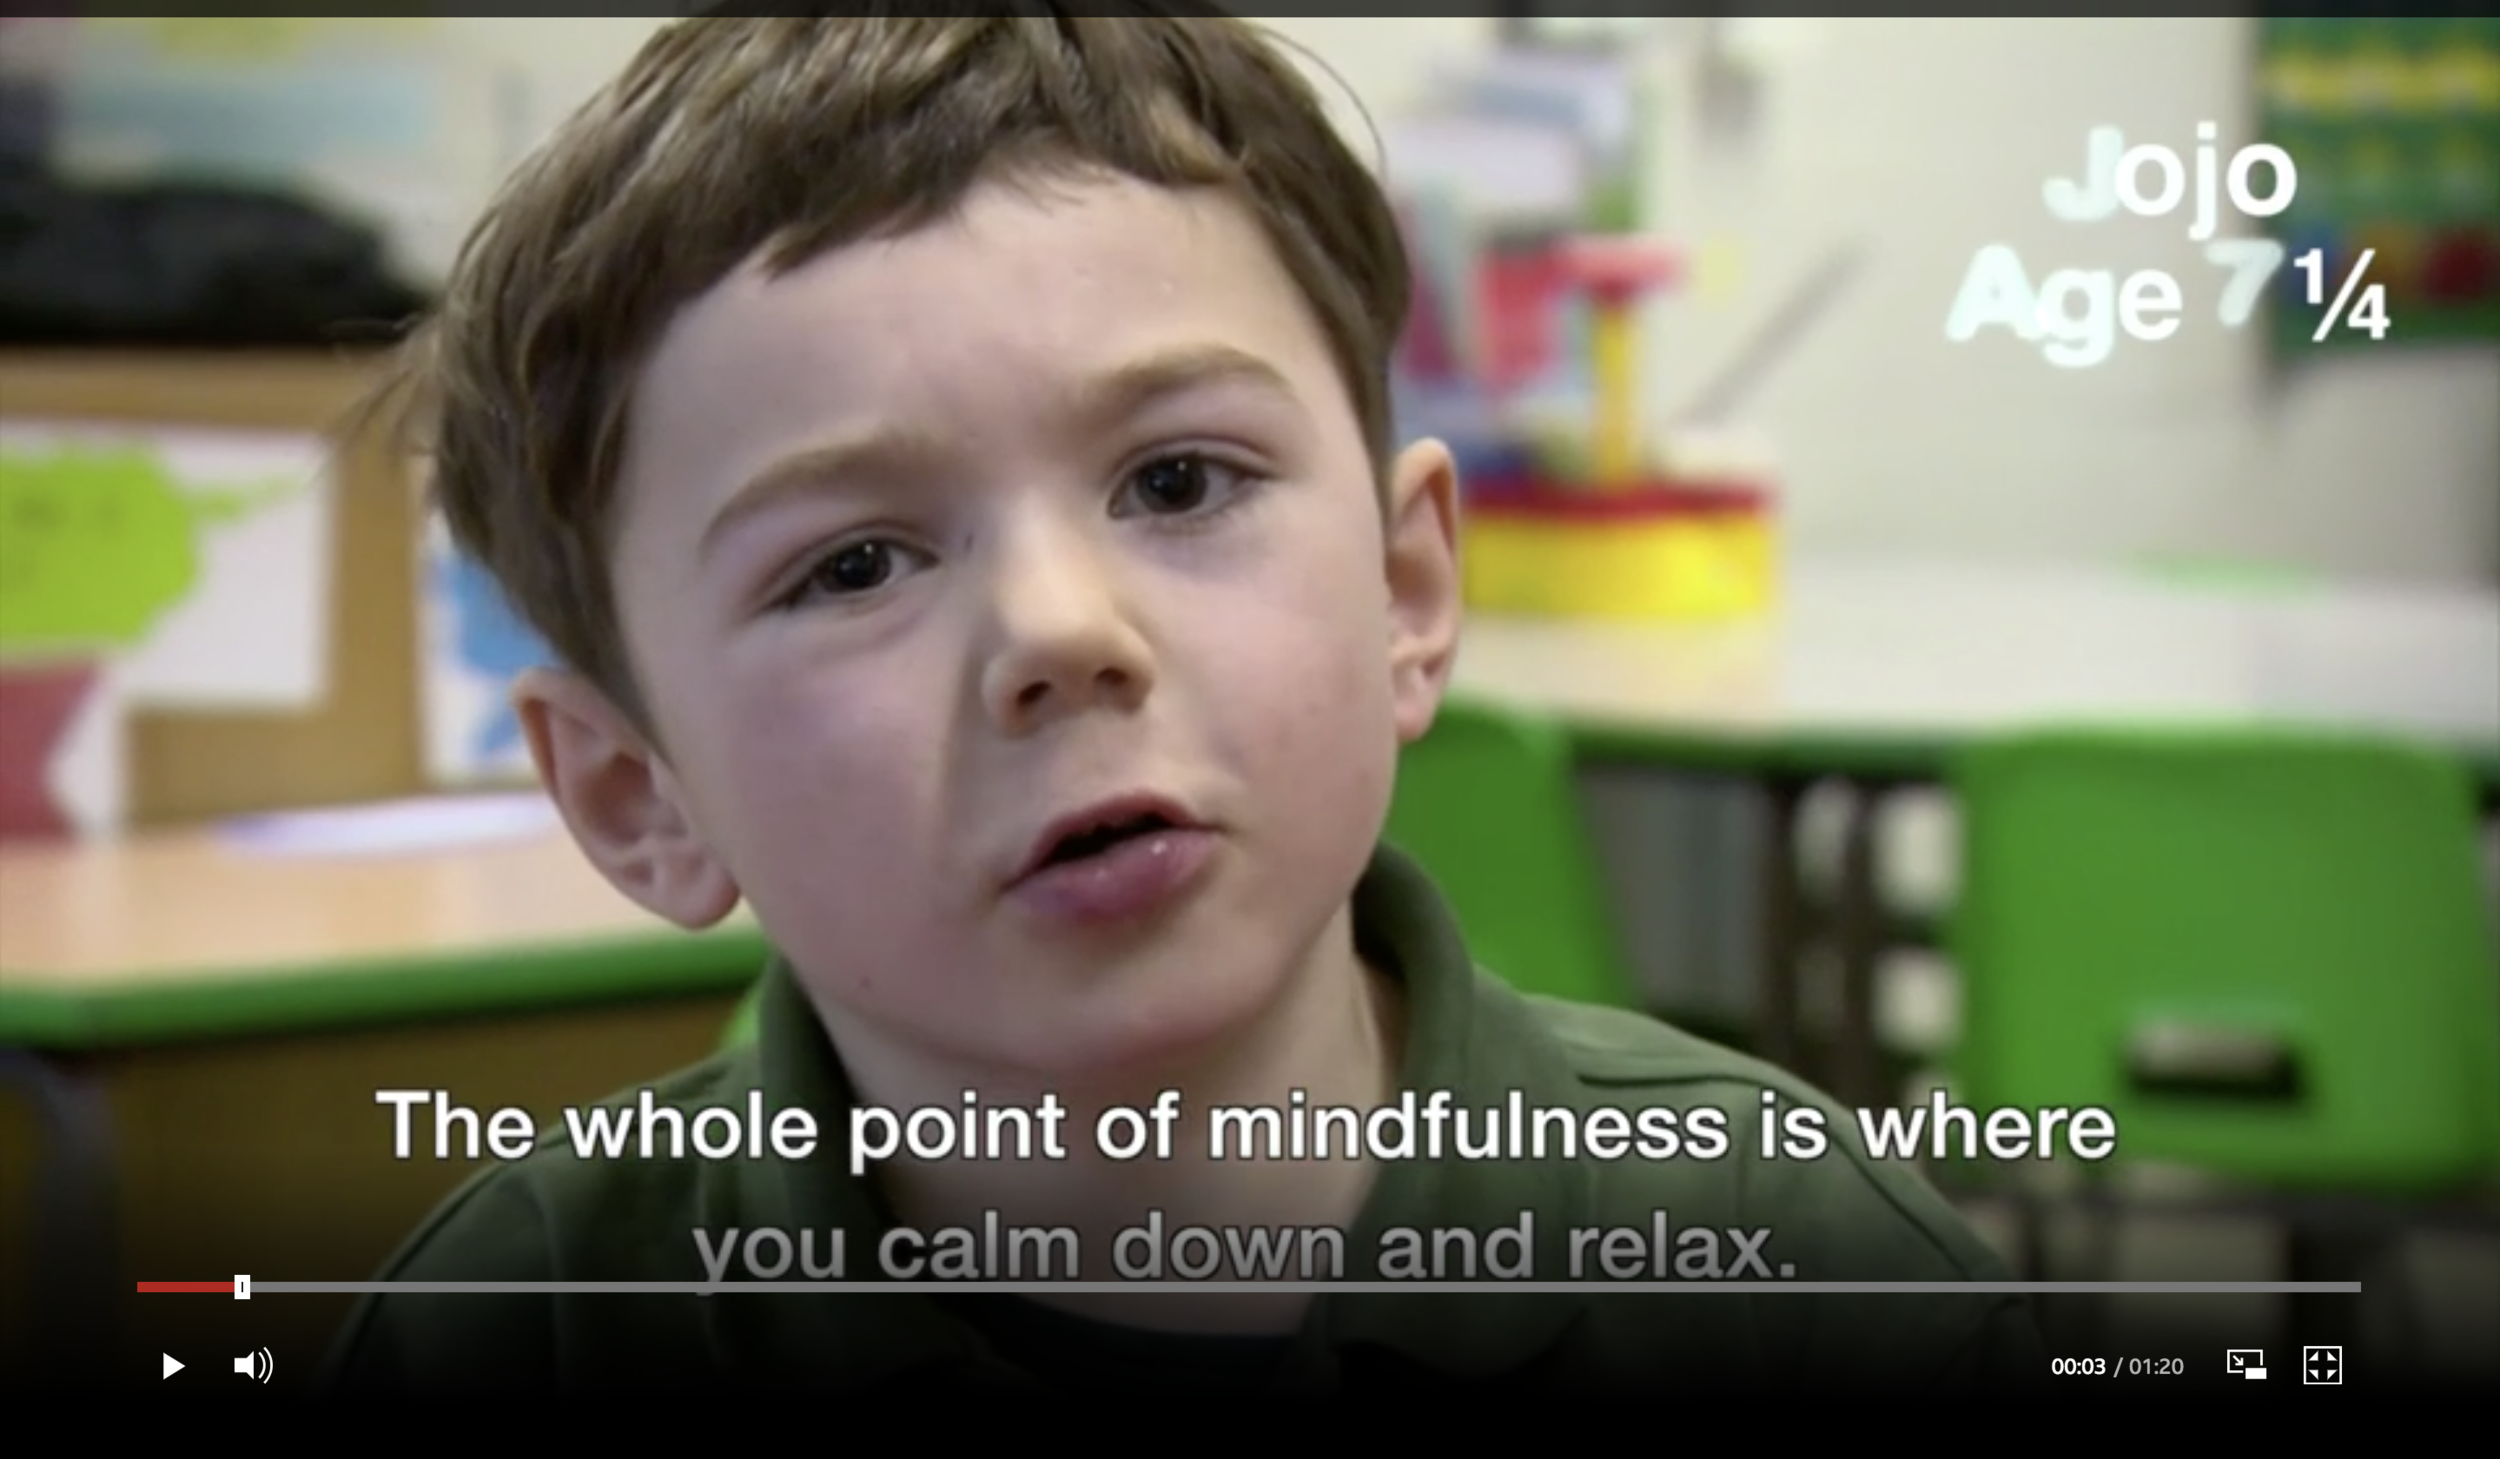 ασκήσεις mindfulness για παιδιά